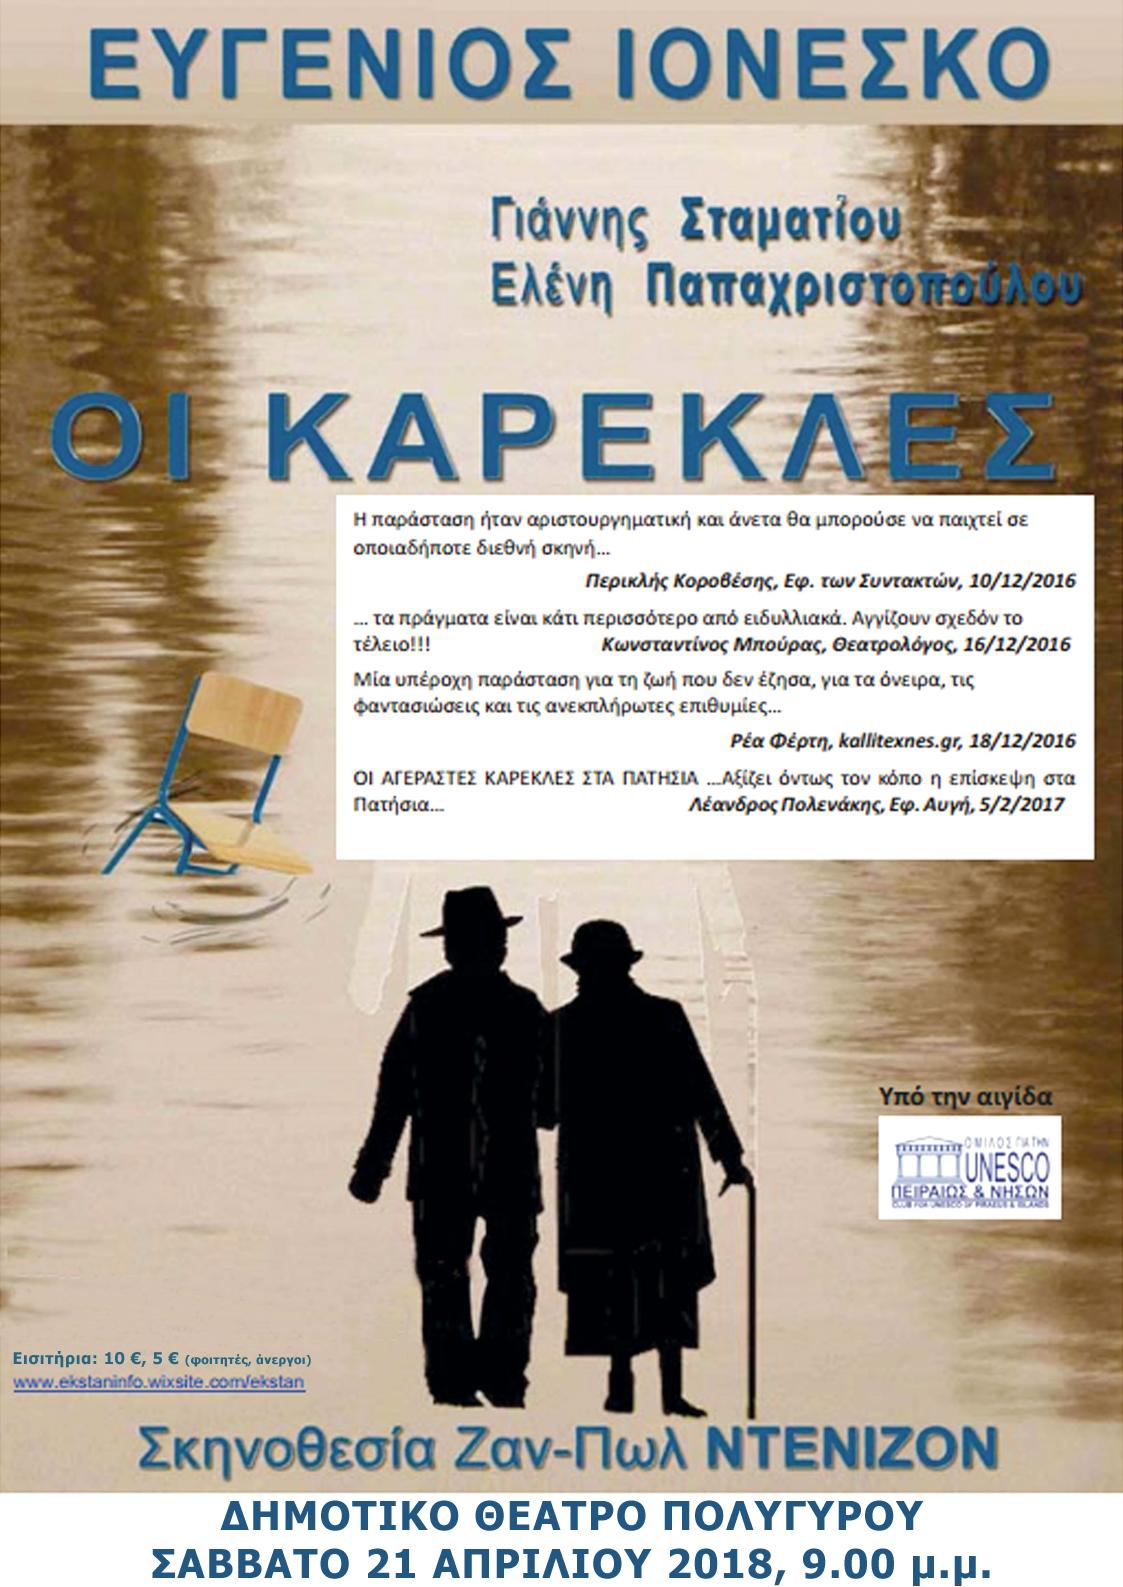 Οι «Καρέκλες» του Ιονέσκο στο Δημοτικό Θέατρο Πολυγύρου